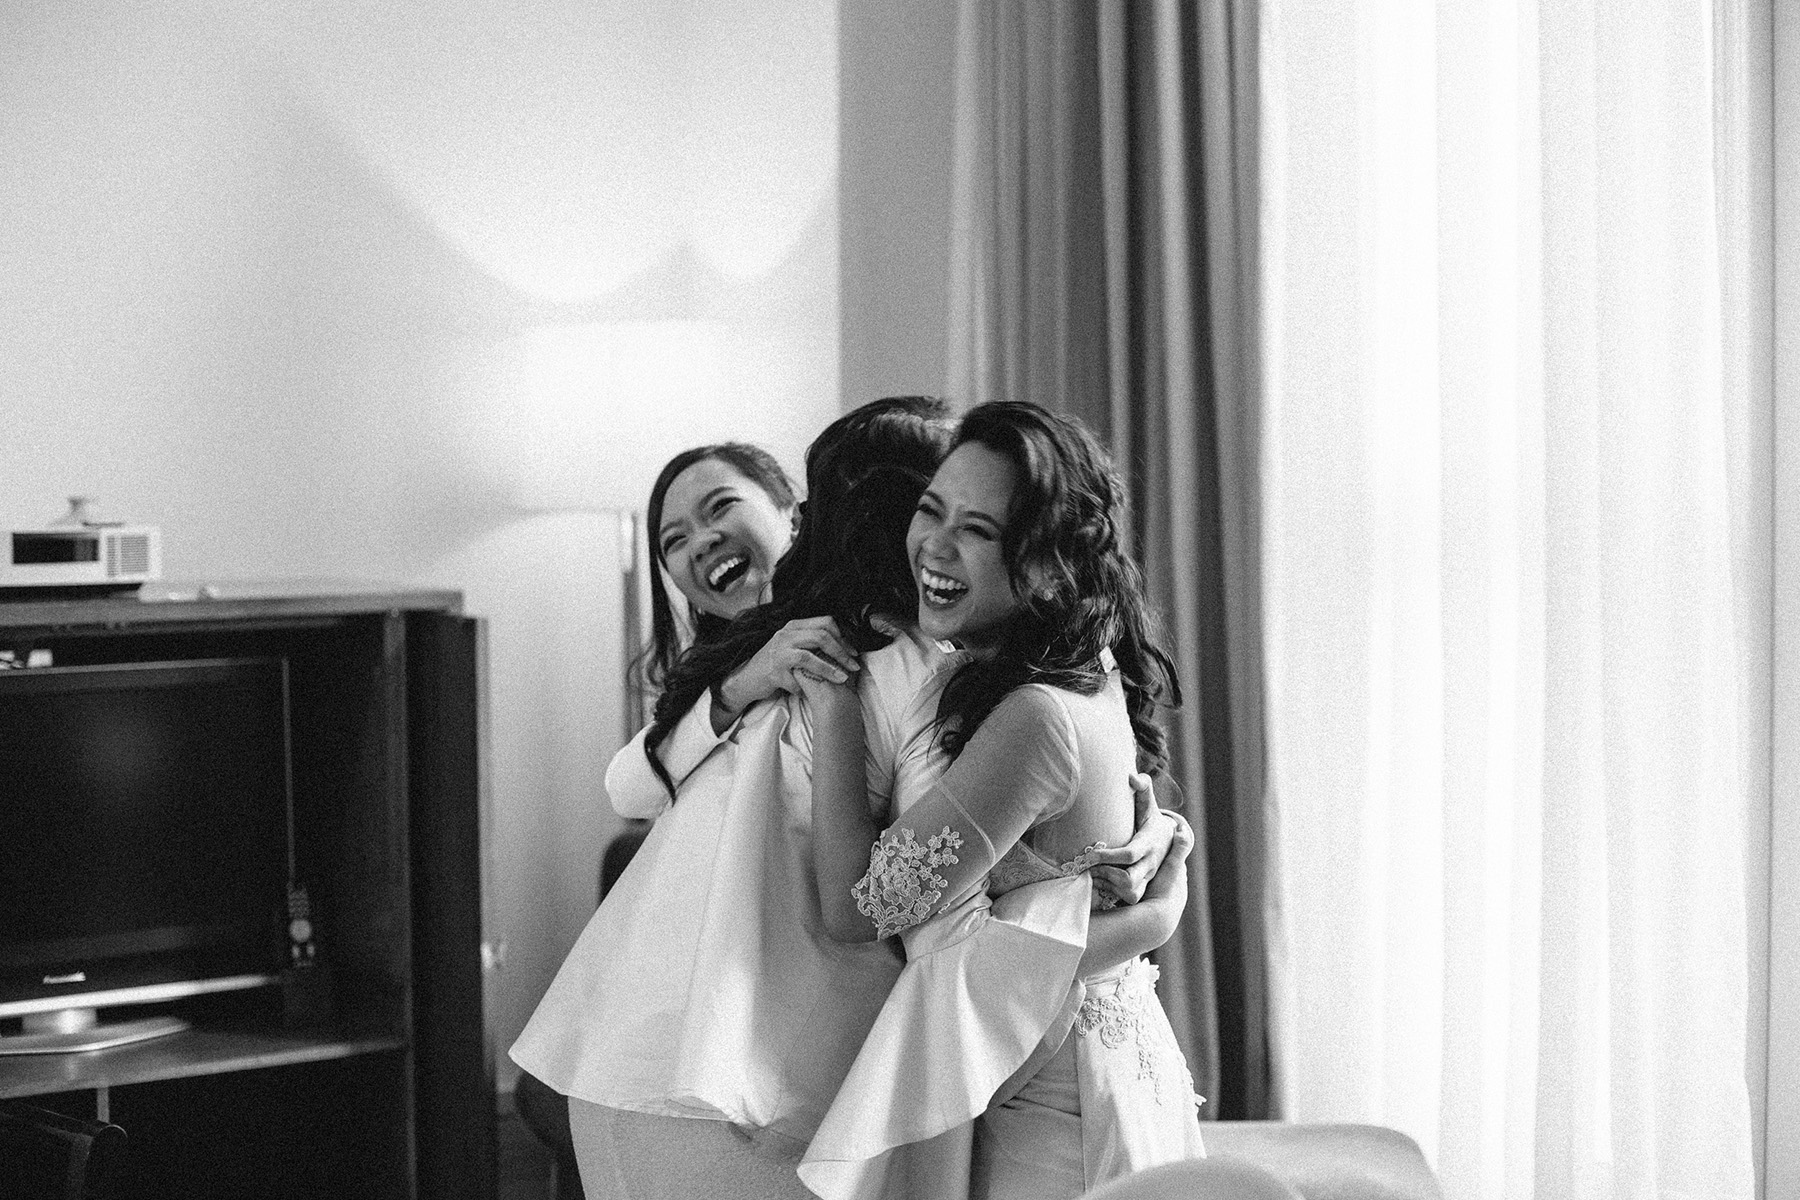 singapore-wedding-photographer-wemadethese-bw-059.jpg